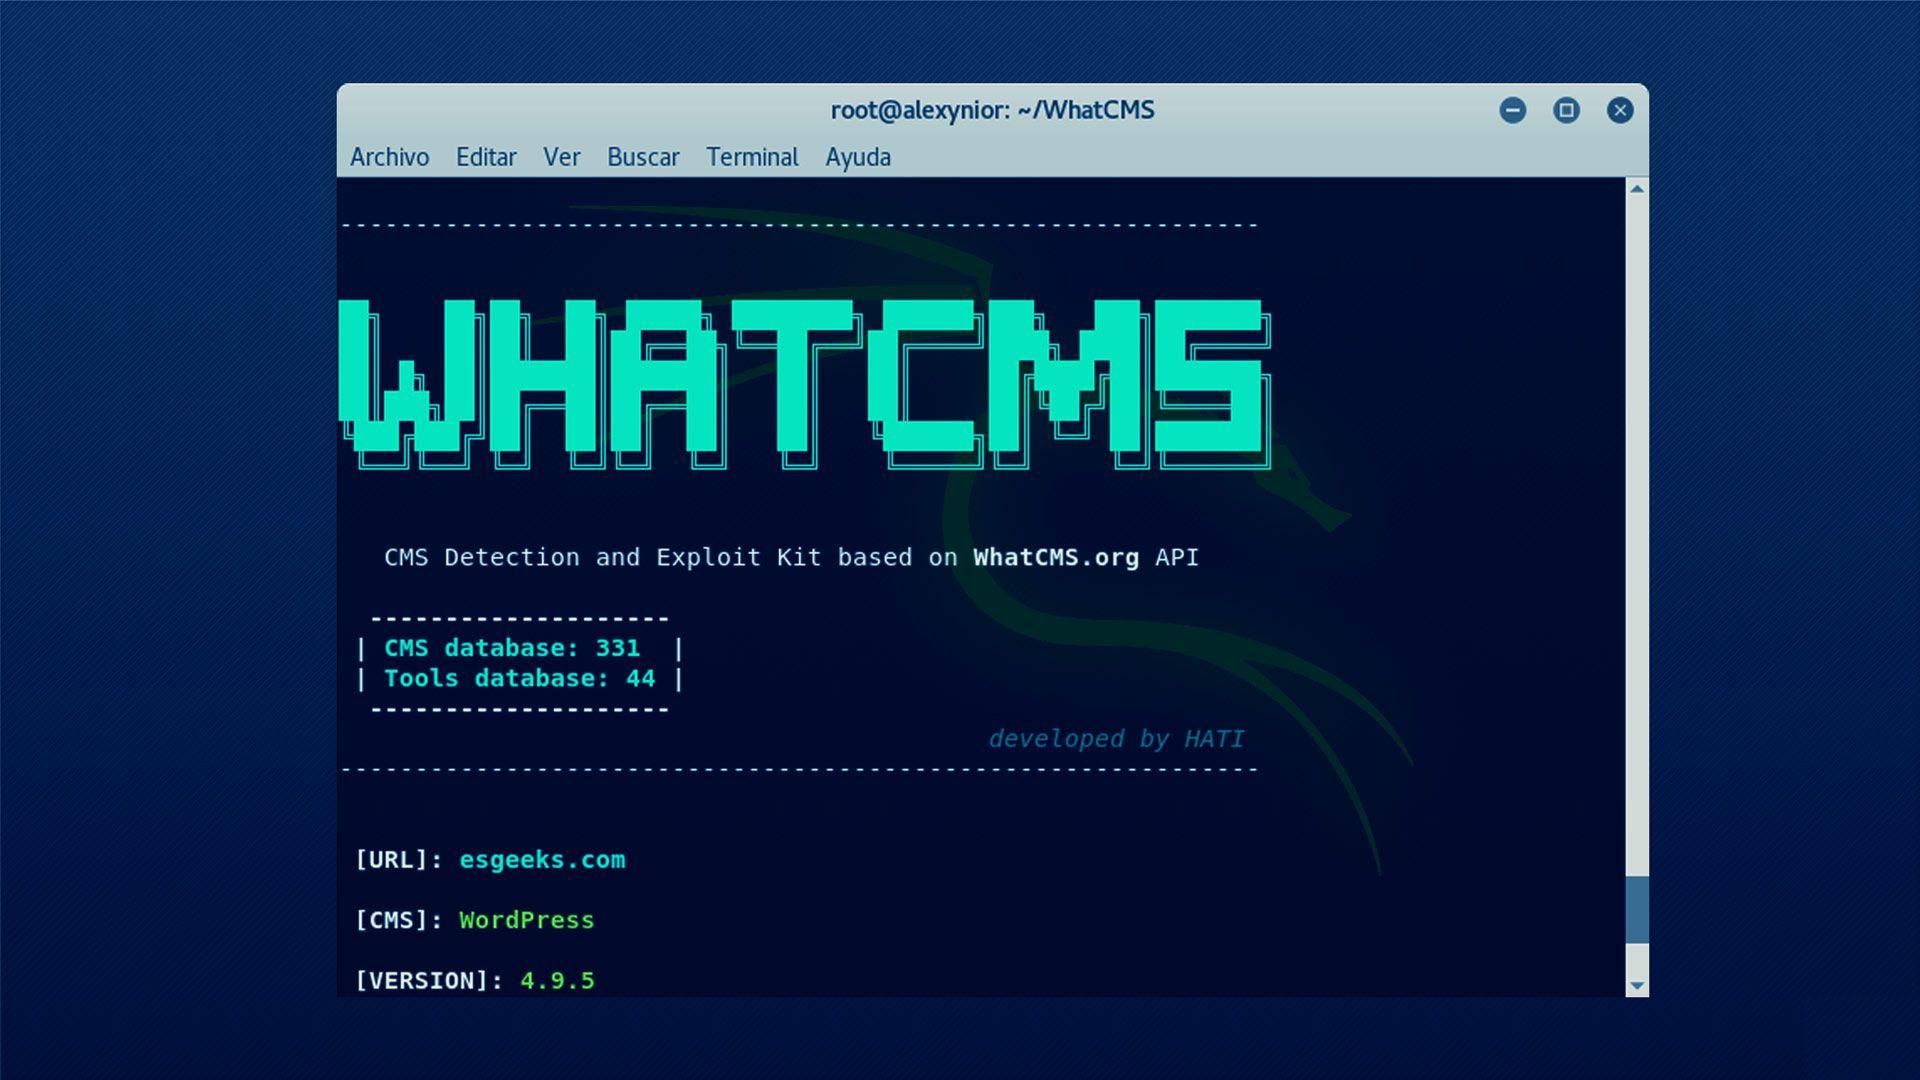 Detección de CMS y Kits de explotación con WhatCMS